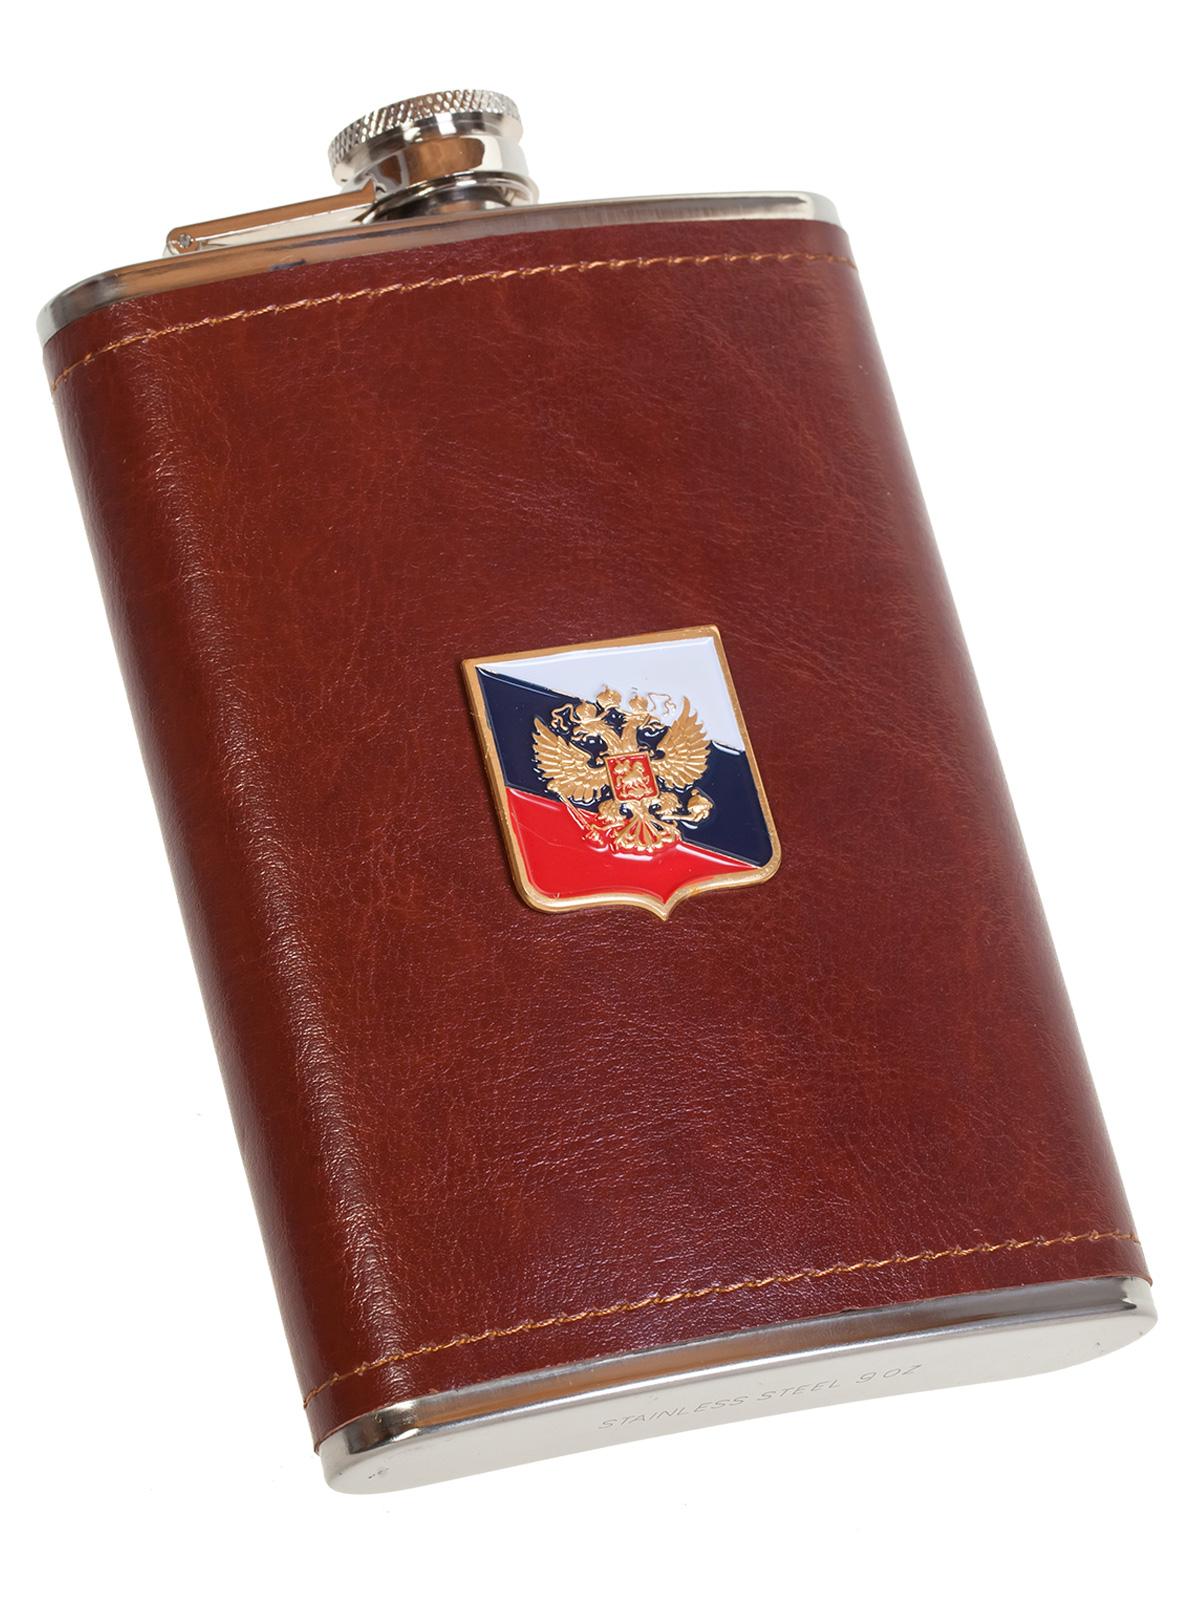 Мужская оригинальная фляга с Гербом РФ - купить в розницу